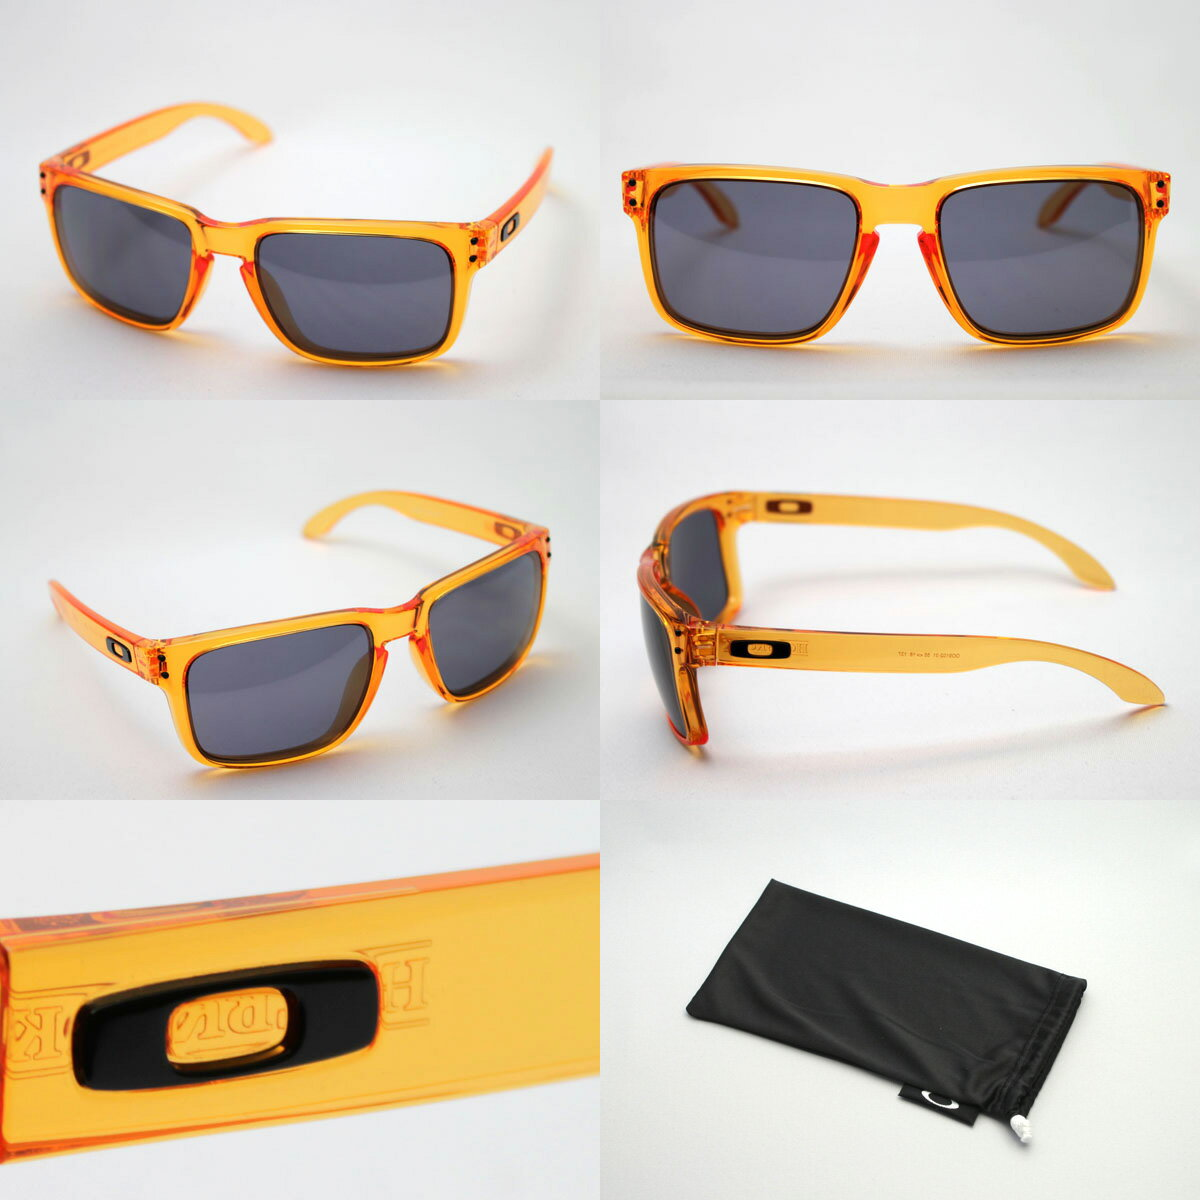 4531388bd53 Oakley Prescription Sunglasses Nz « Heritage Malta